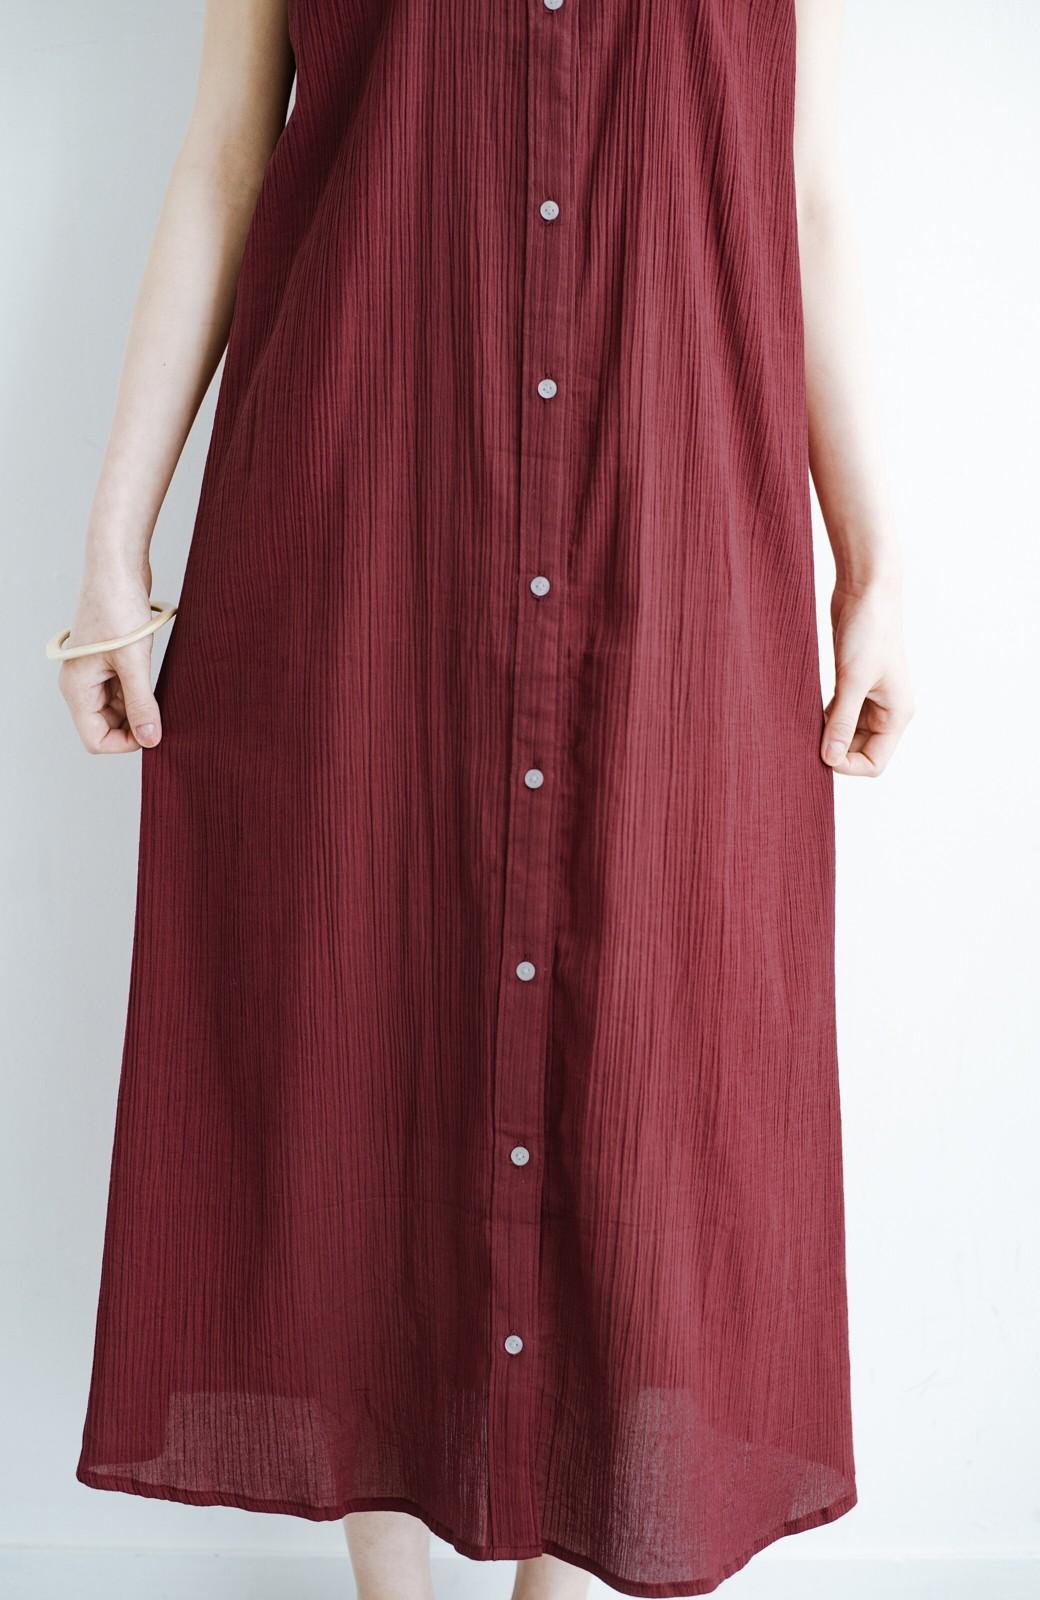 haco! バレずにとことん楽できる 羽織りとしても使える軽やかシャツワンピース <レッド>の商品写真10